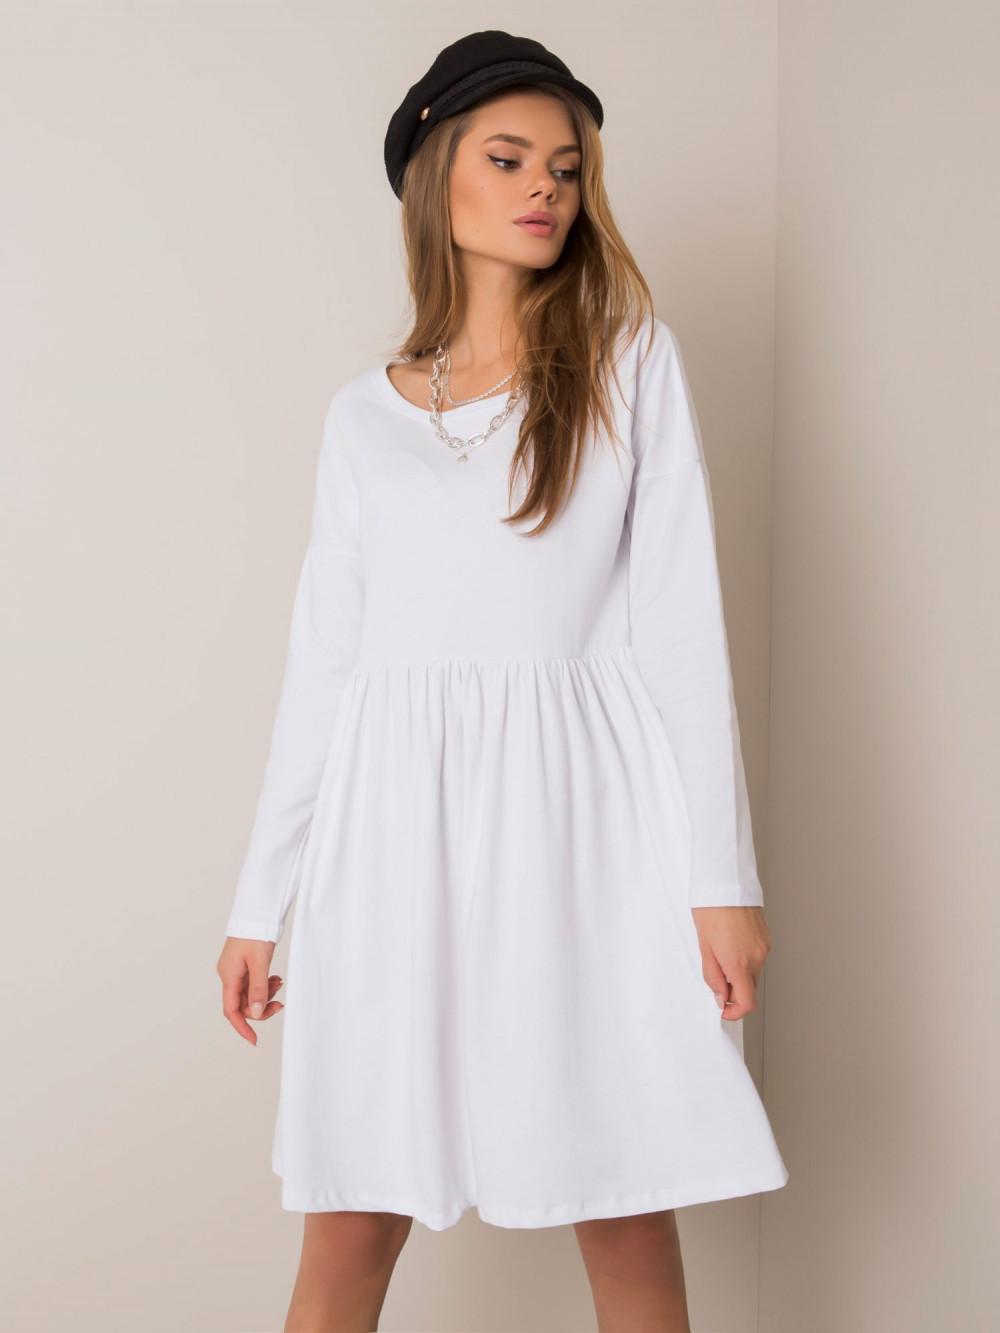 Biała klasyczna sukienka rozkloszowana Ateria 2